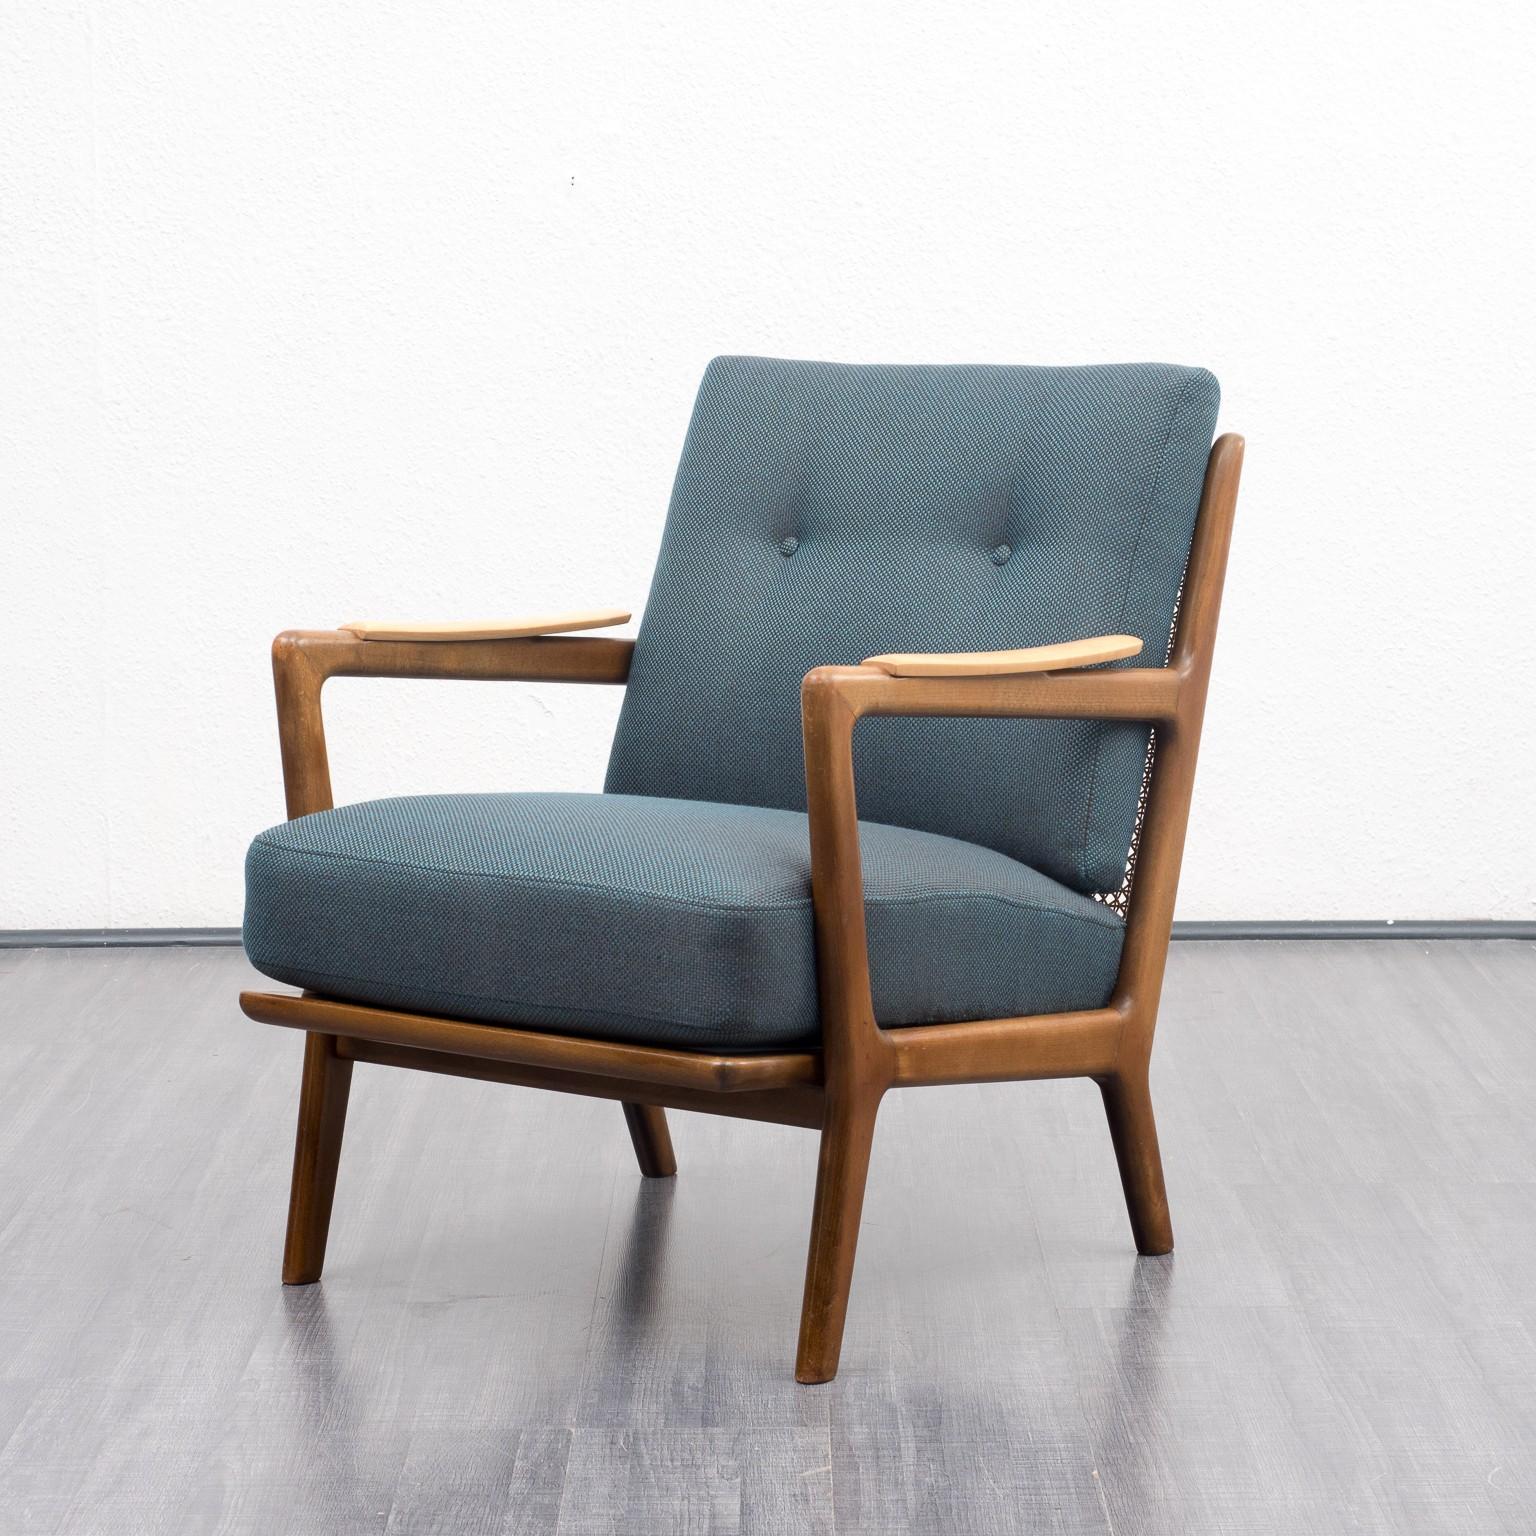 Vintage armchair in shapely solid beech wood frame 1950s vintage designer furniture